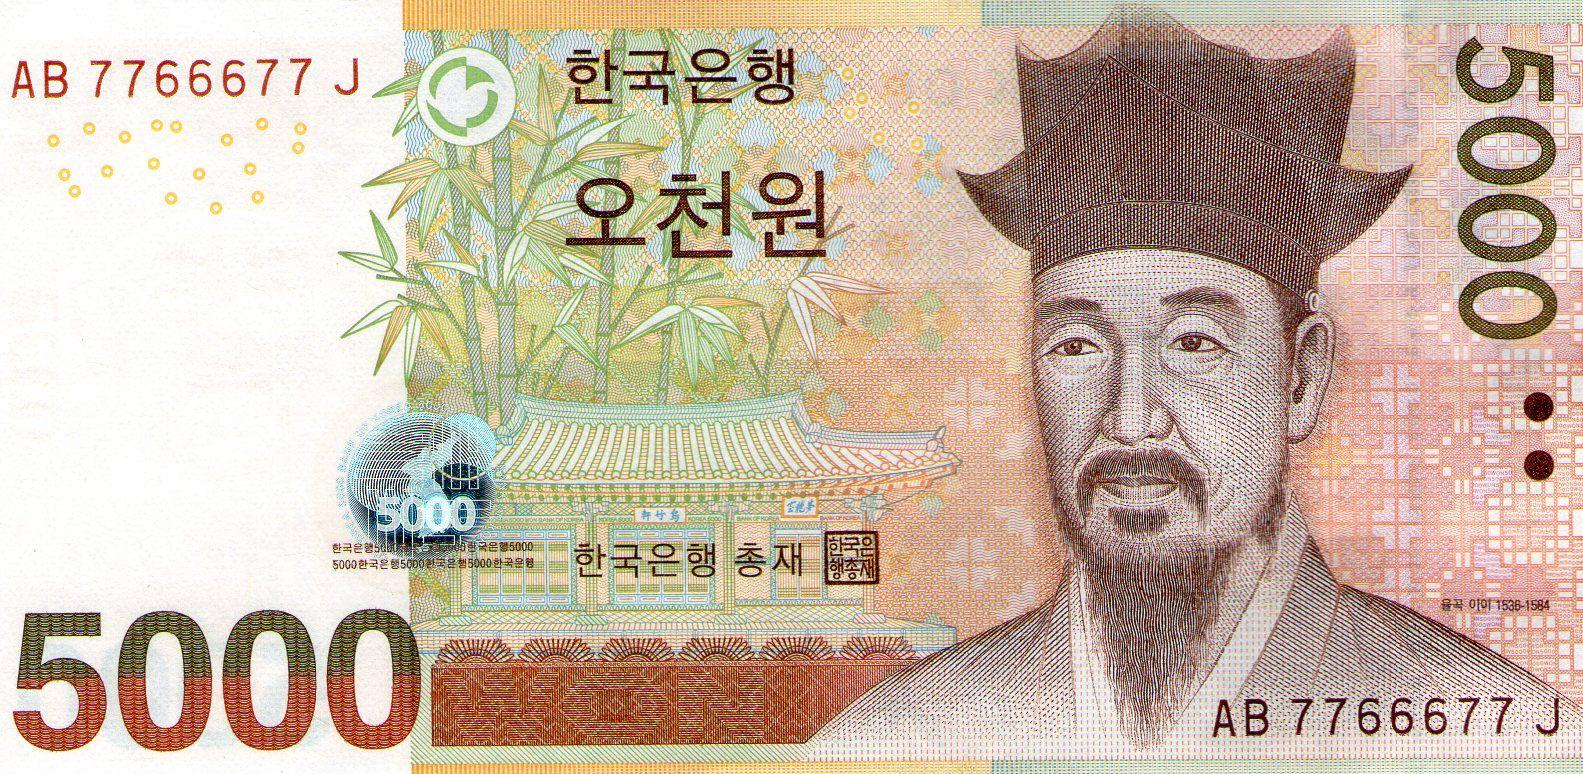 Gambar Pahlawan Uang 2000